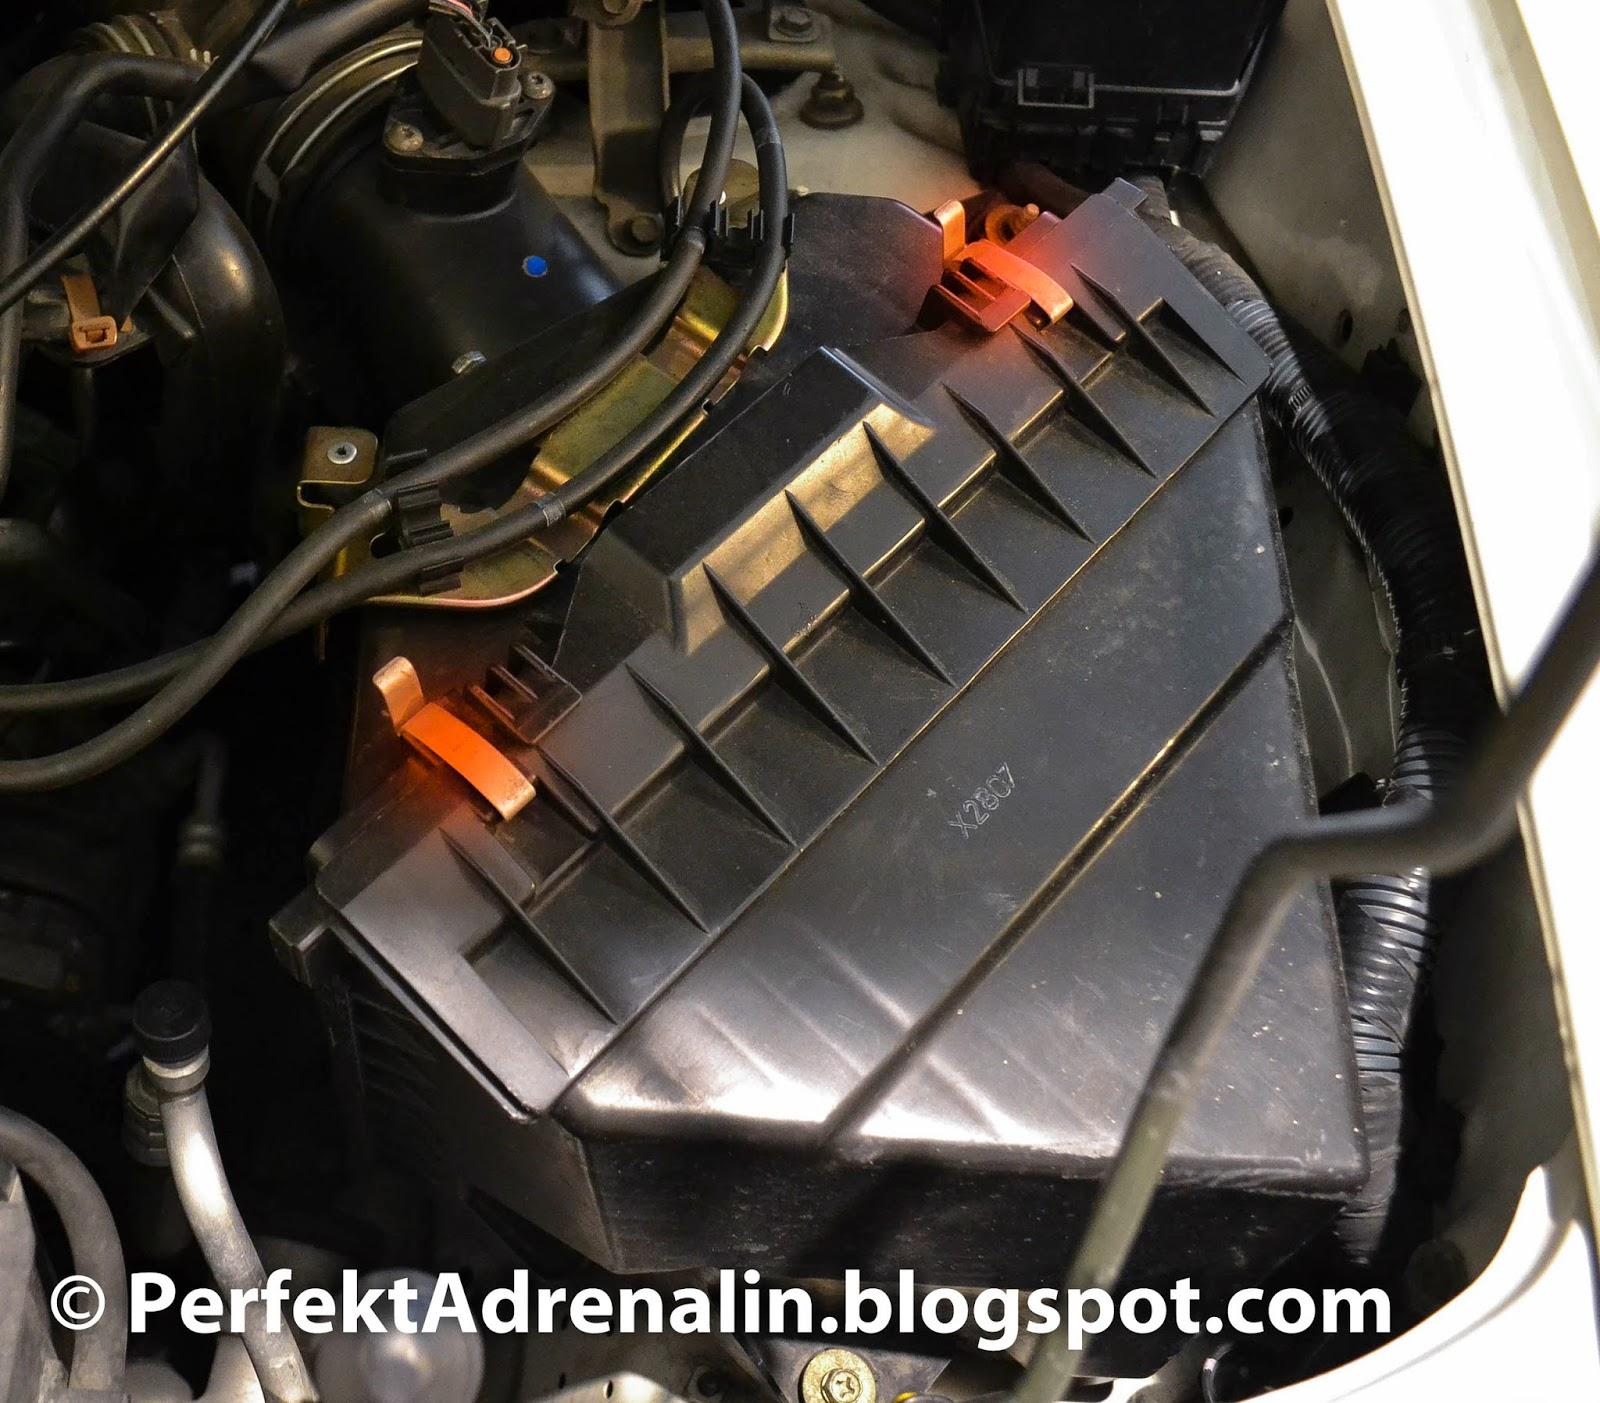 DIY: Infiniti QX4 & Pathfinder Air Filter 2001-2003